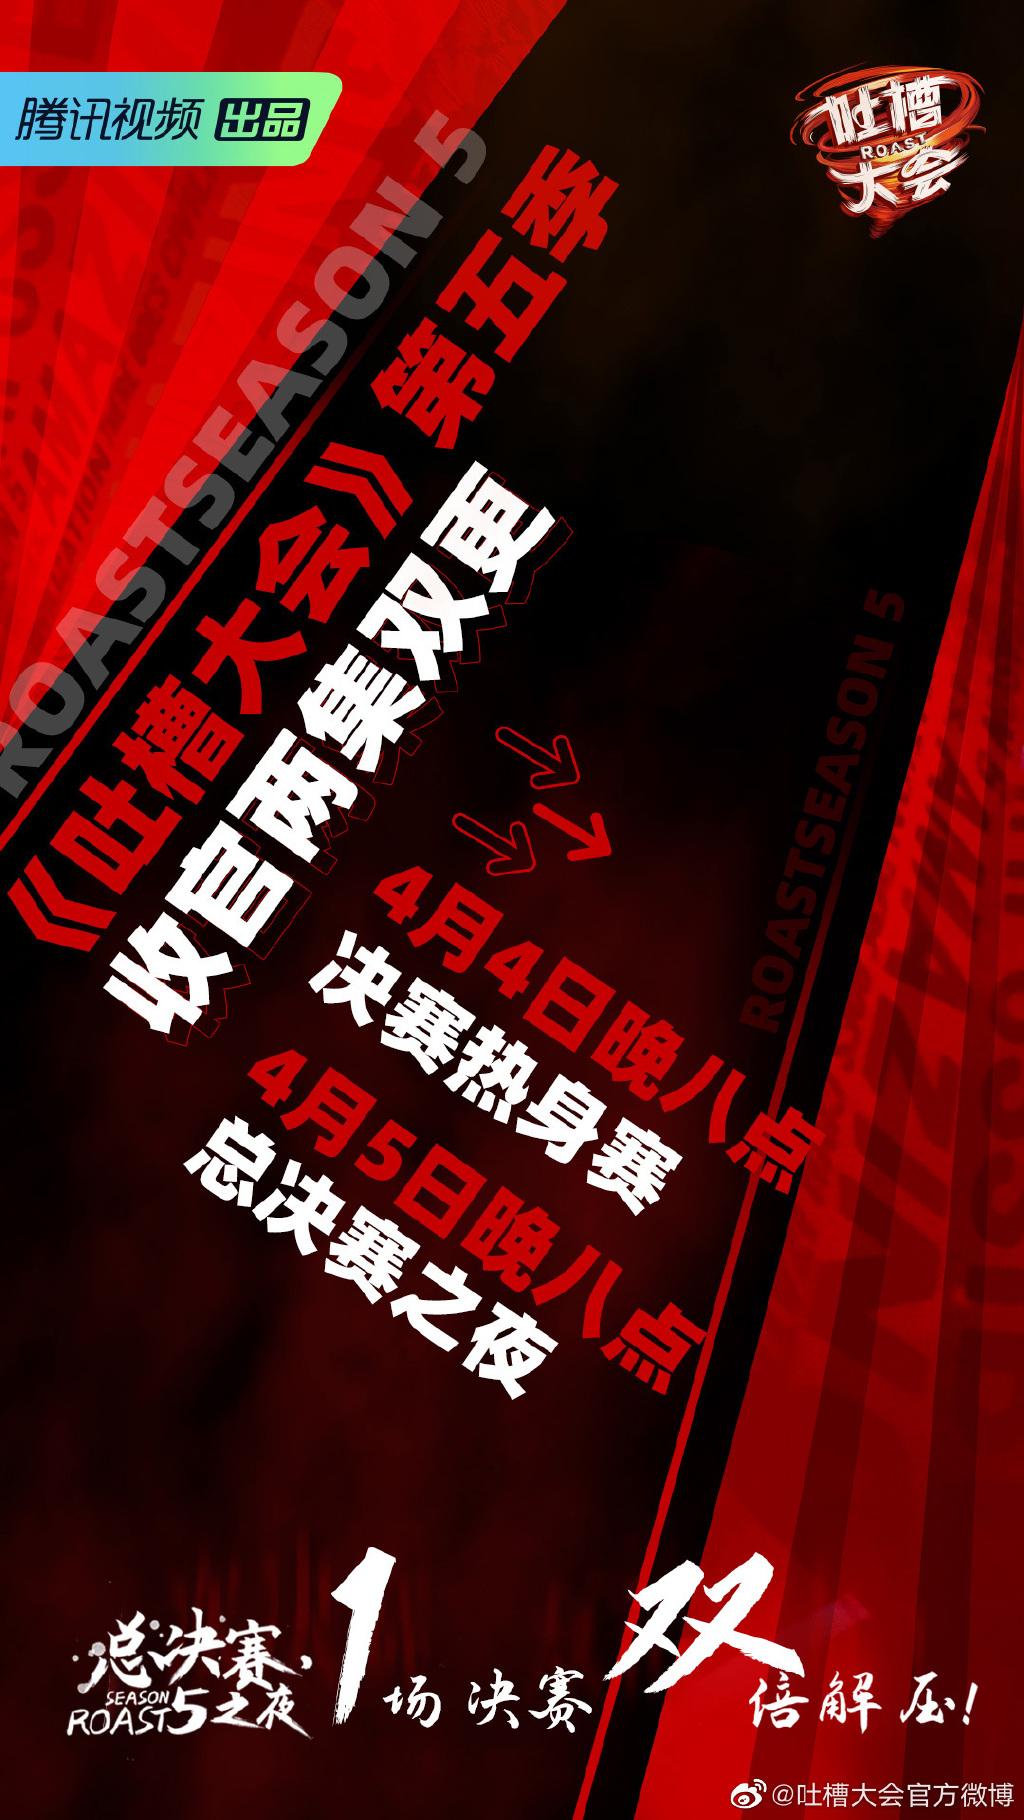 《吐槽大会5》公布总决赛嘉宾阵容,蔡明潘长江加盟